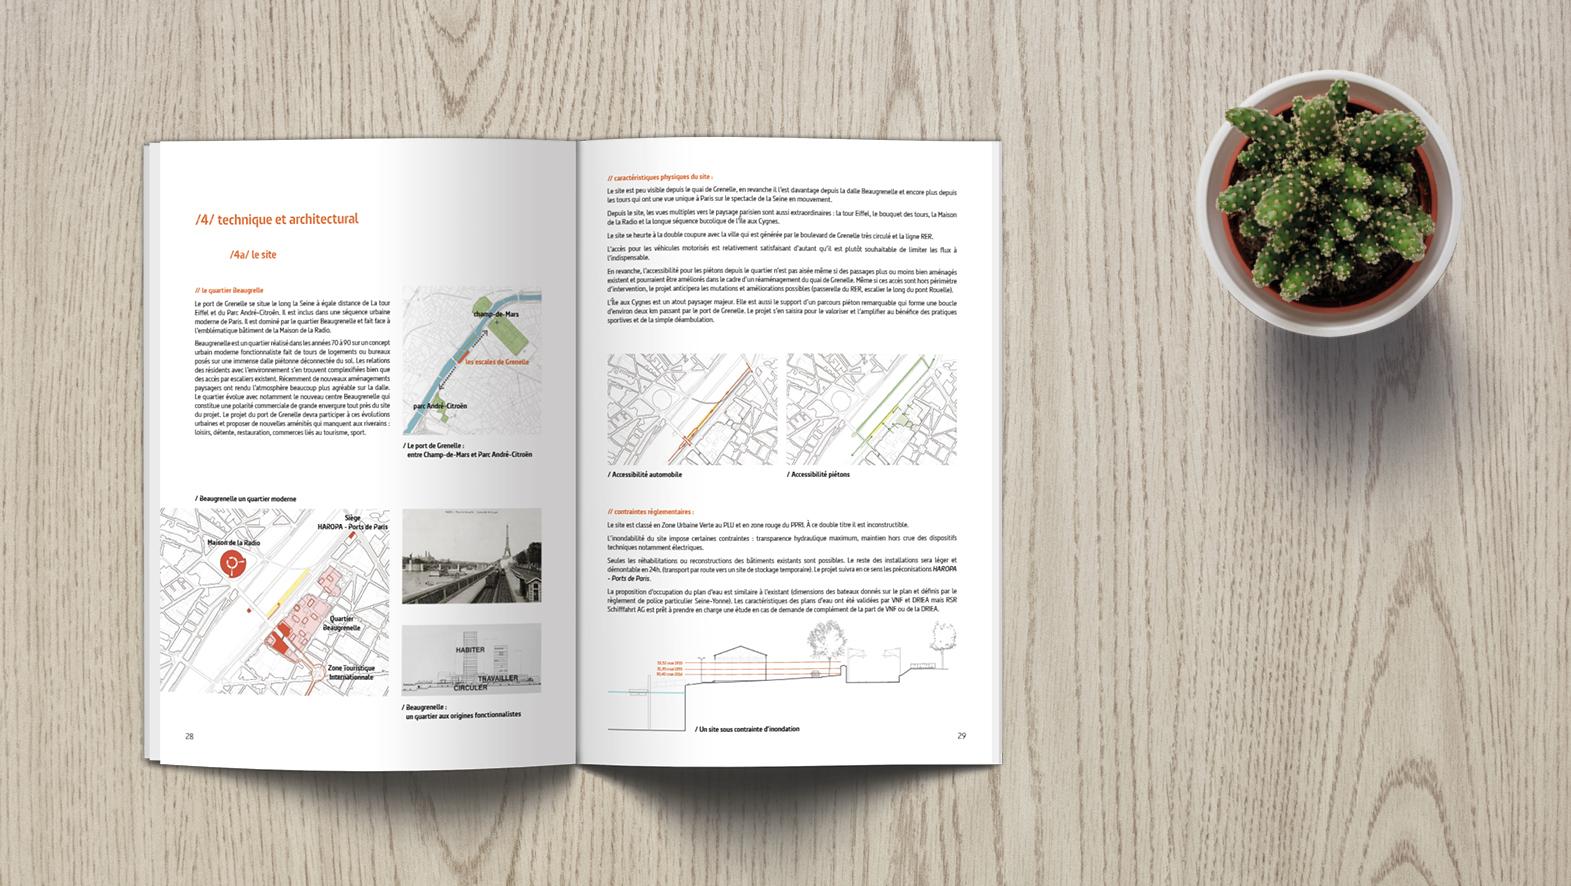 kretz+partners_project Les escales de Grenelle Paris_concept design4.jpg